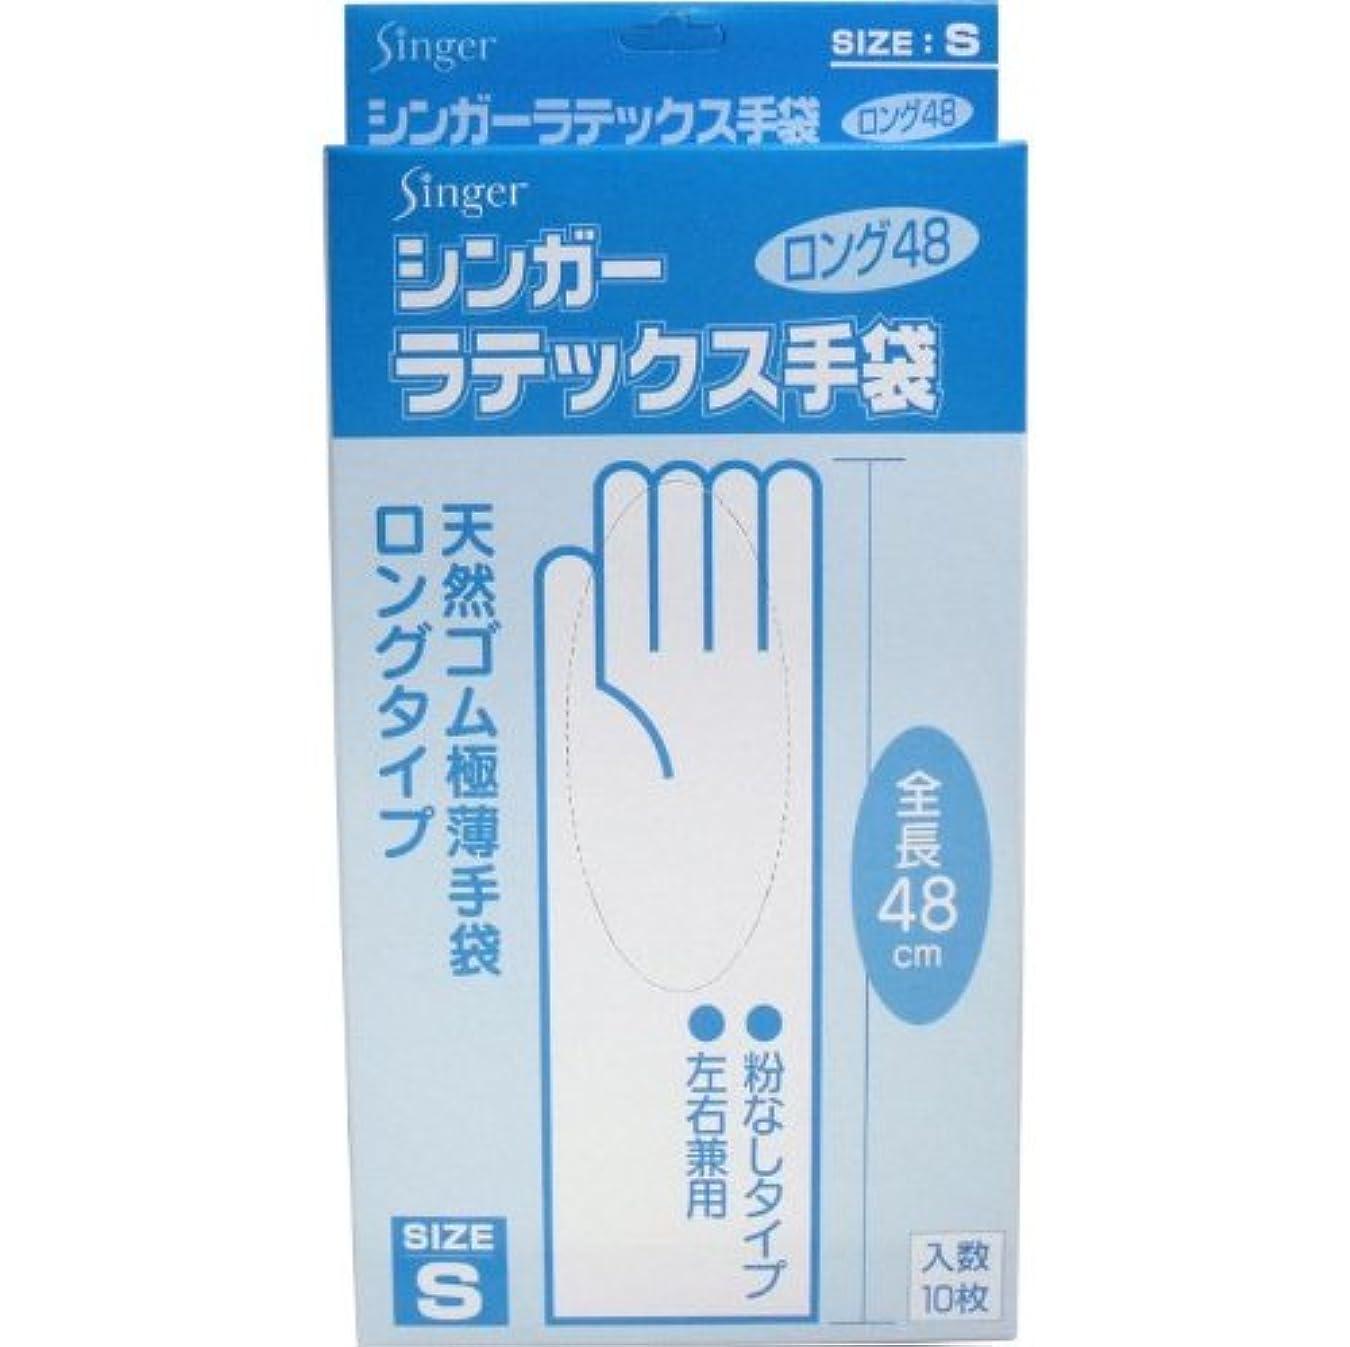 行商人ひいきにする一次食品衛生法適合品 天然ゴム極薄手袋 ロングタイプ Sサイズ 10枚入 ラテックス手袋